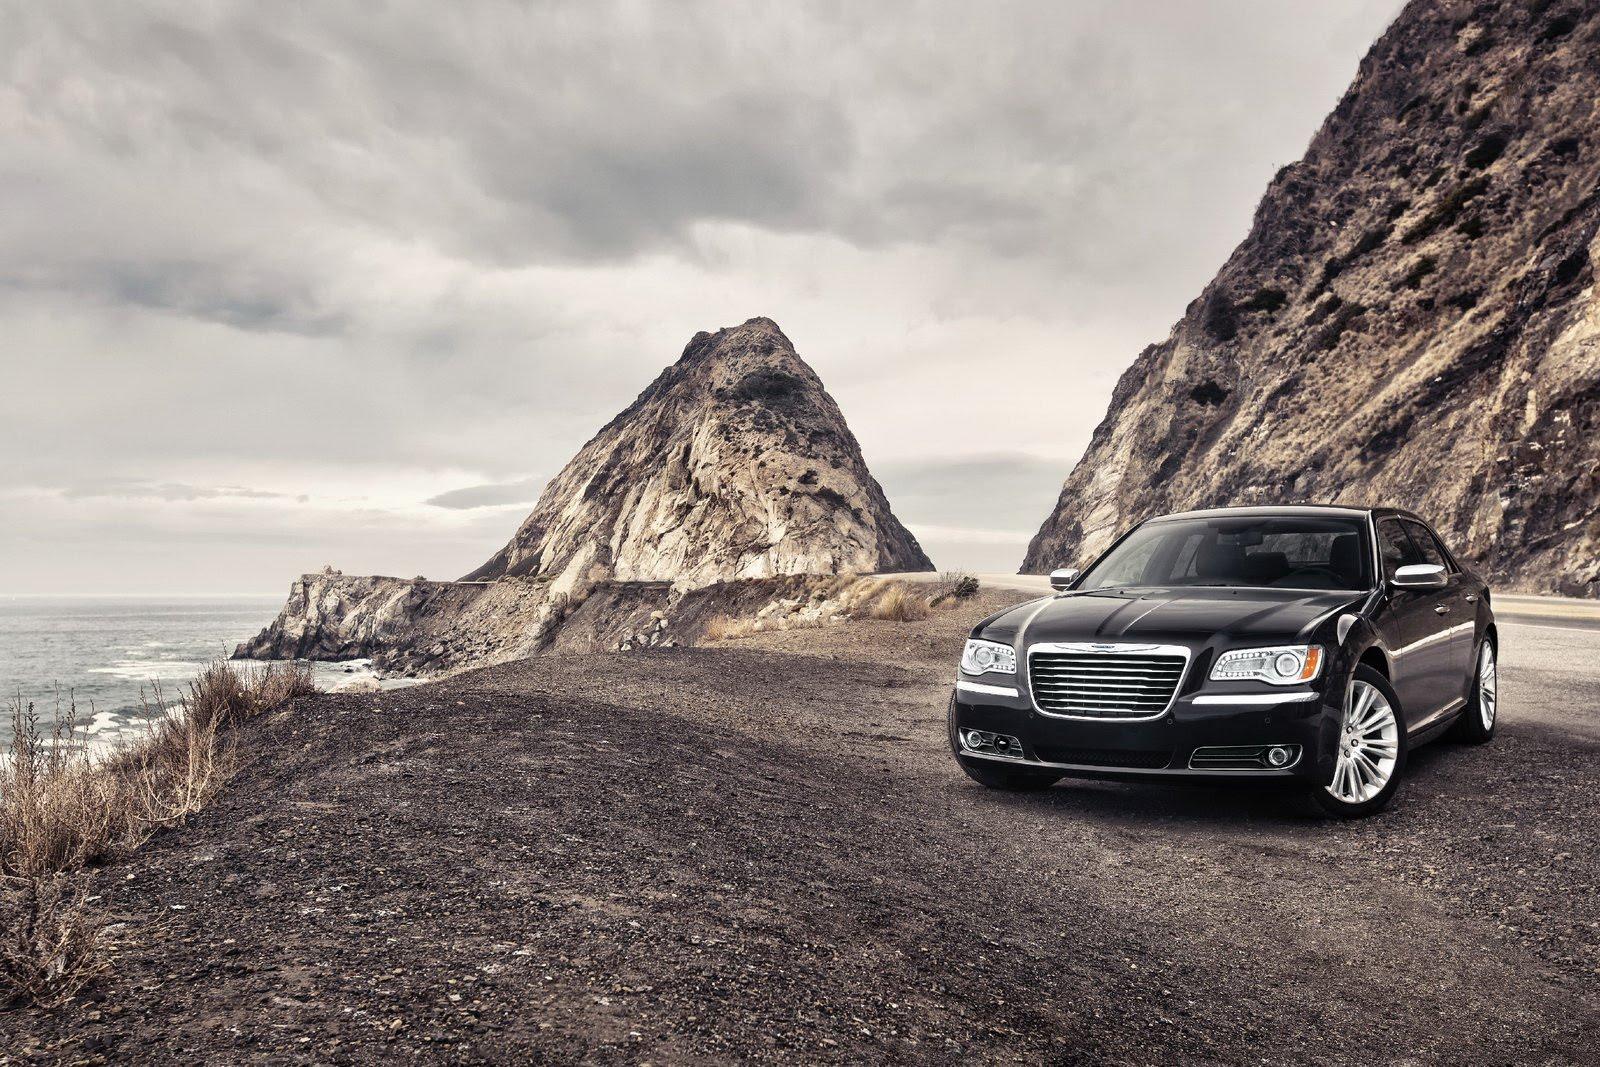 2012 Chrysler 300 Sedan New Image Gallery Released ...